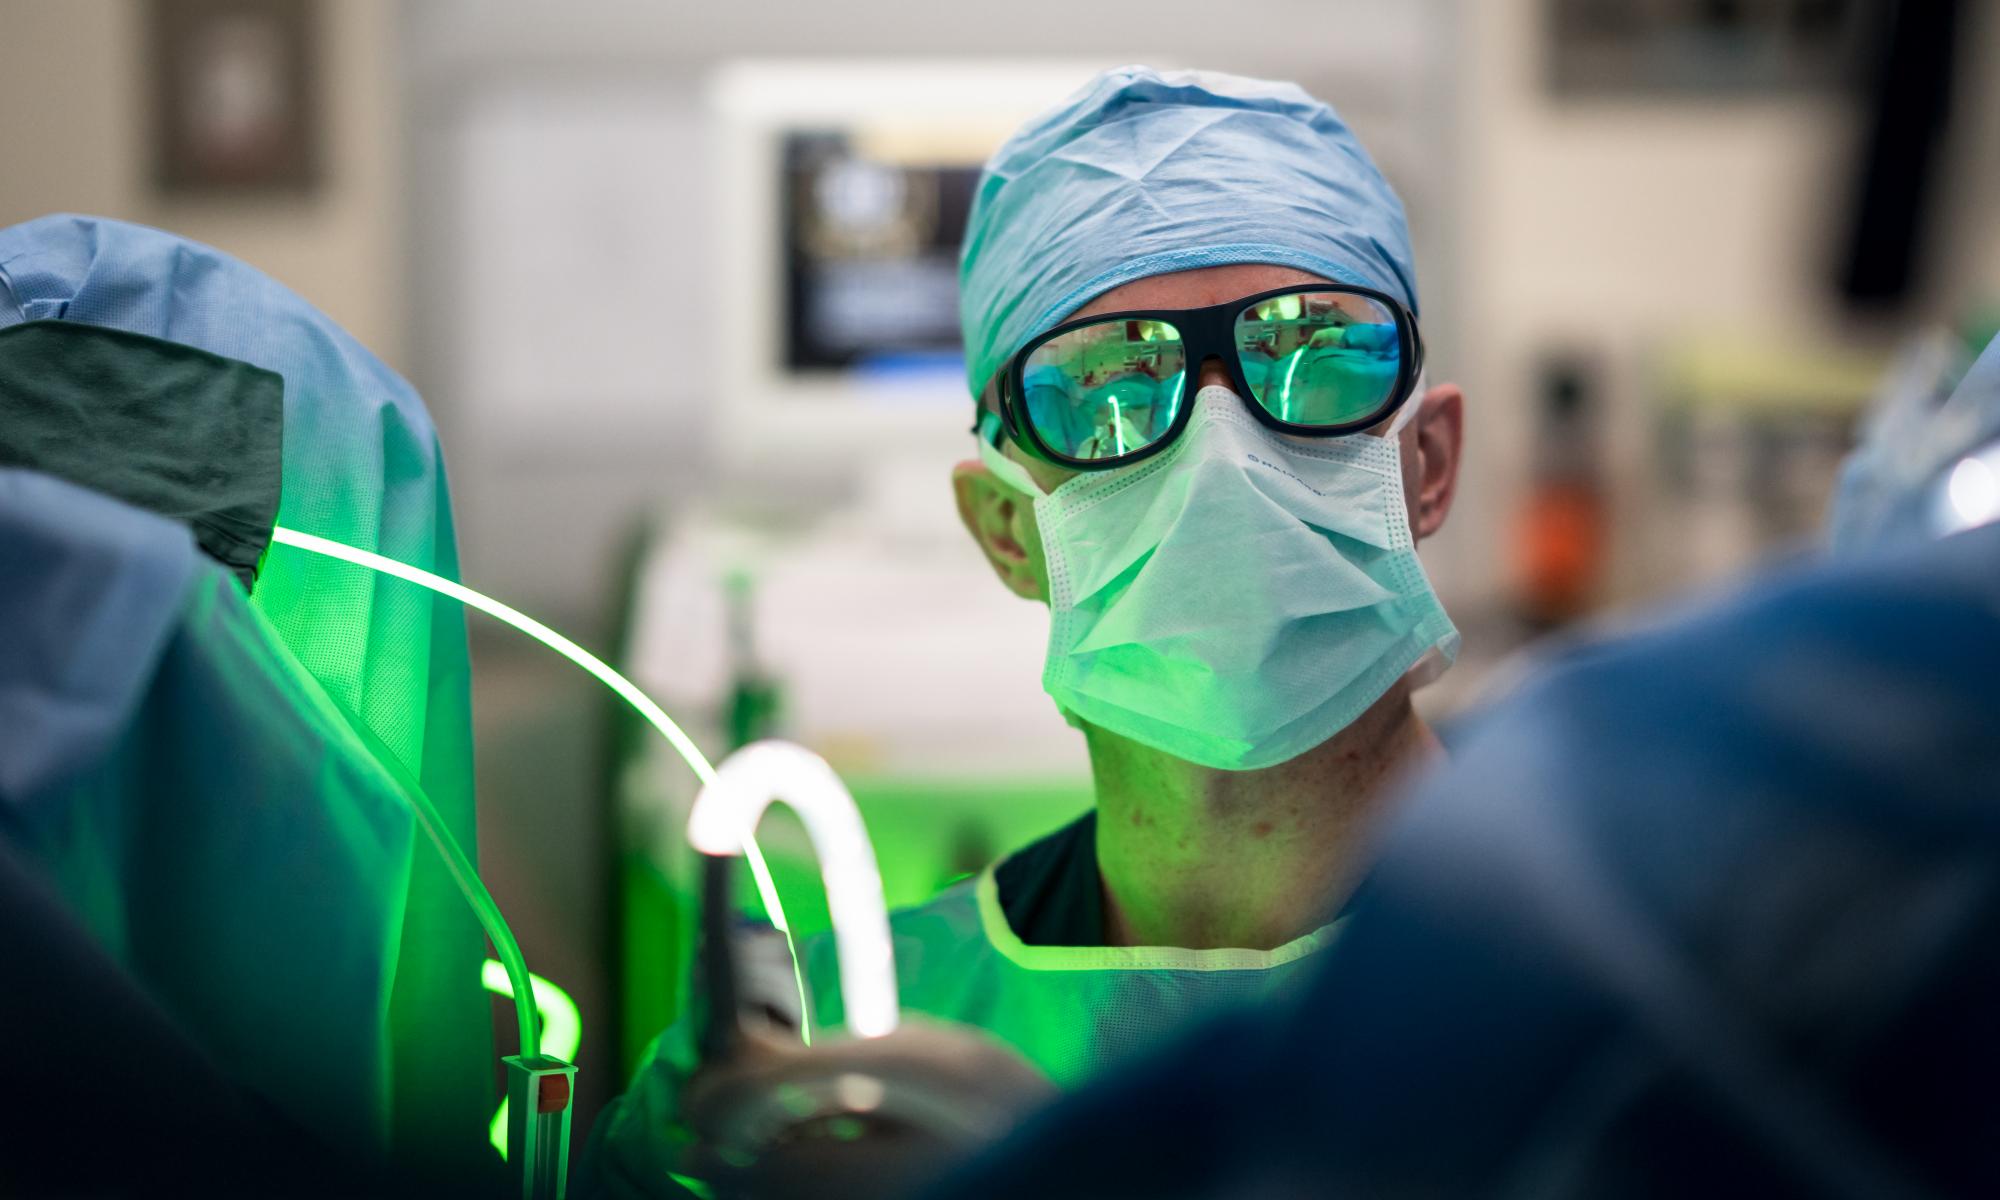 Peter Campell - Urology - Greenlight laser